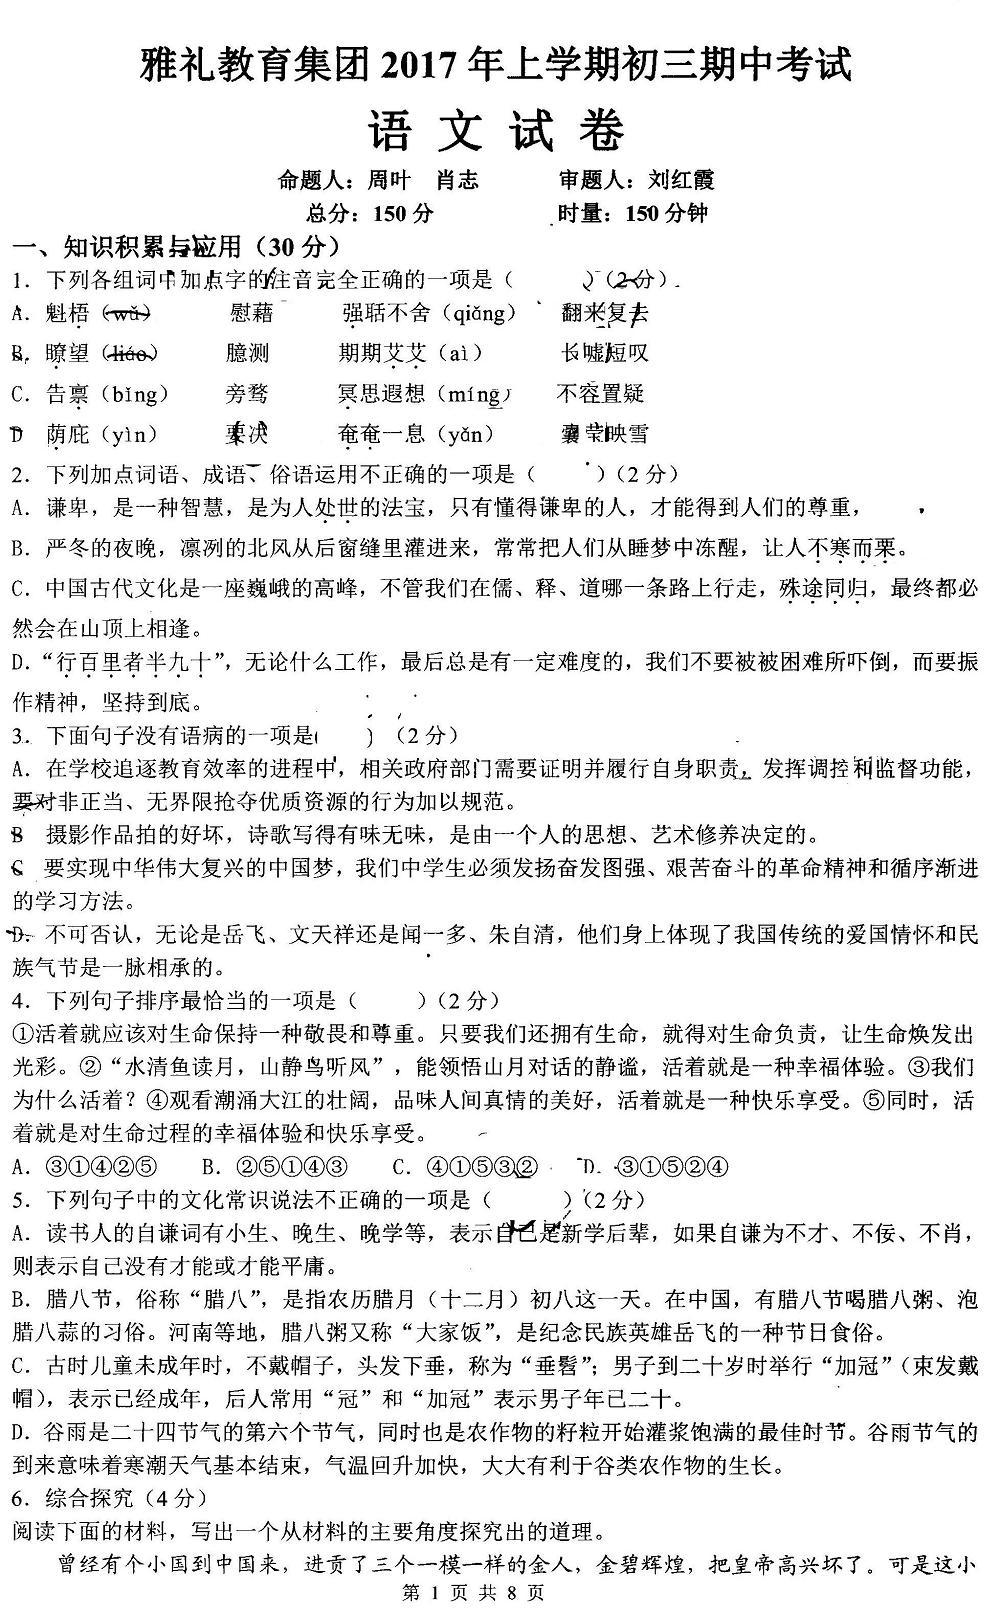 2016-2017湖南长沙雅礼教育集团初三下语文期中试题1